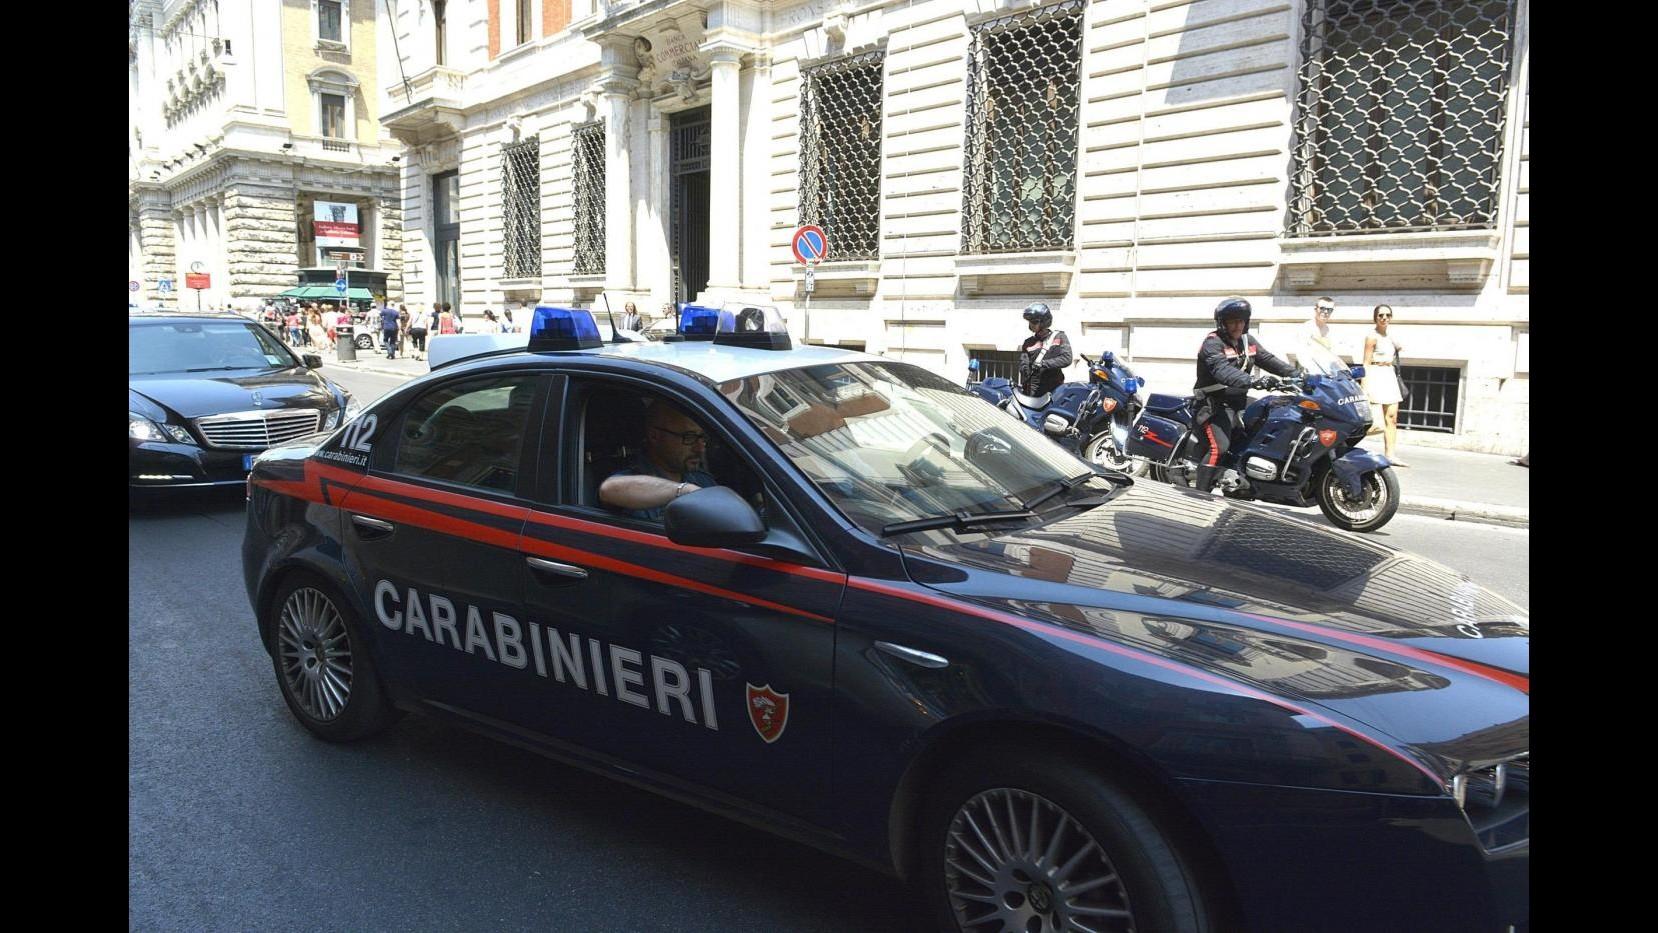 Milano, arrestati 2 richiedenti asilo:rubarono documenti a connazionale